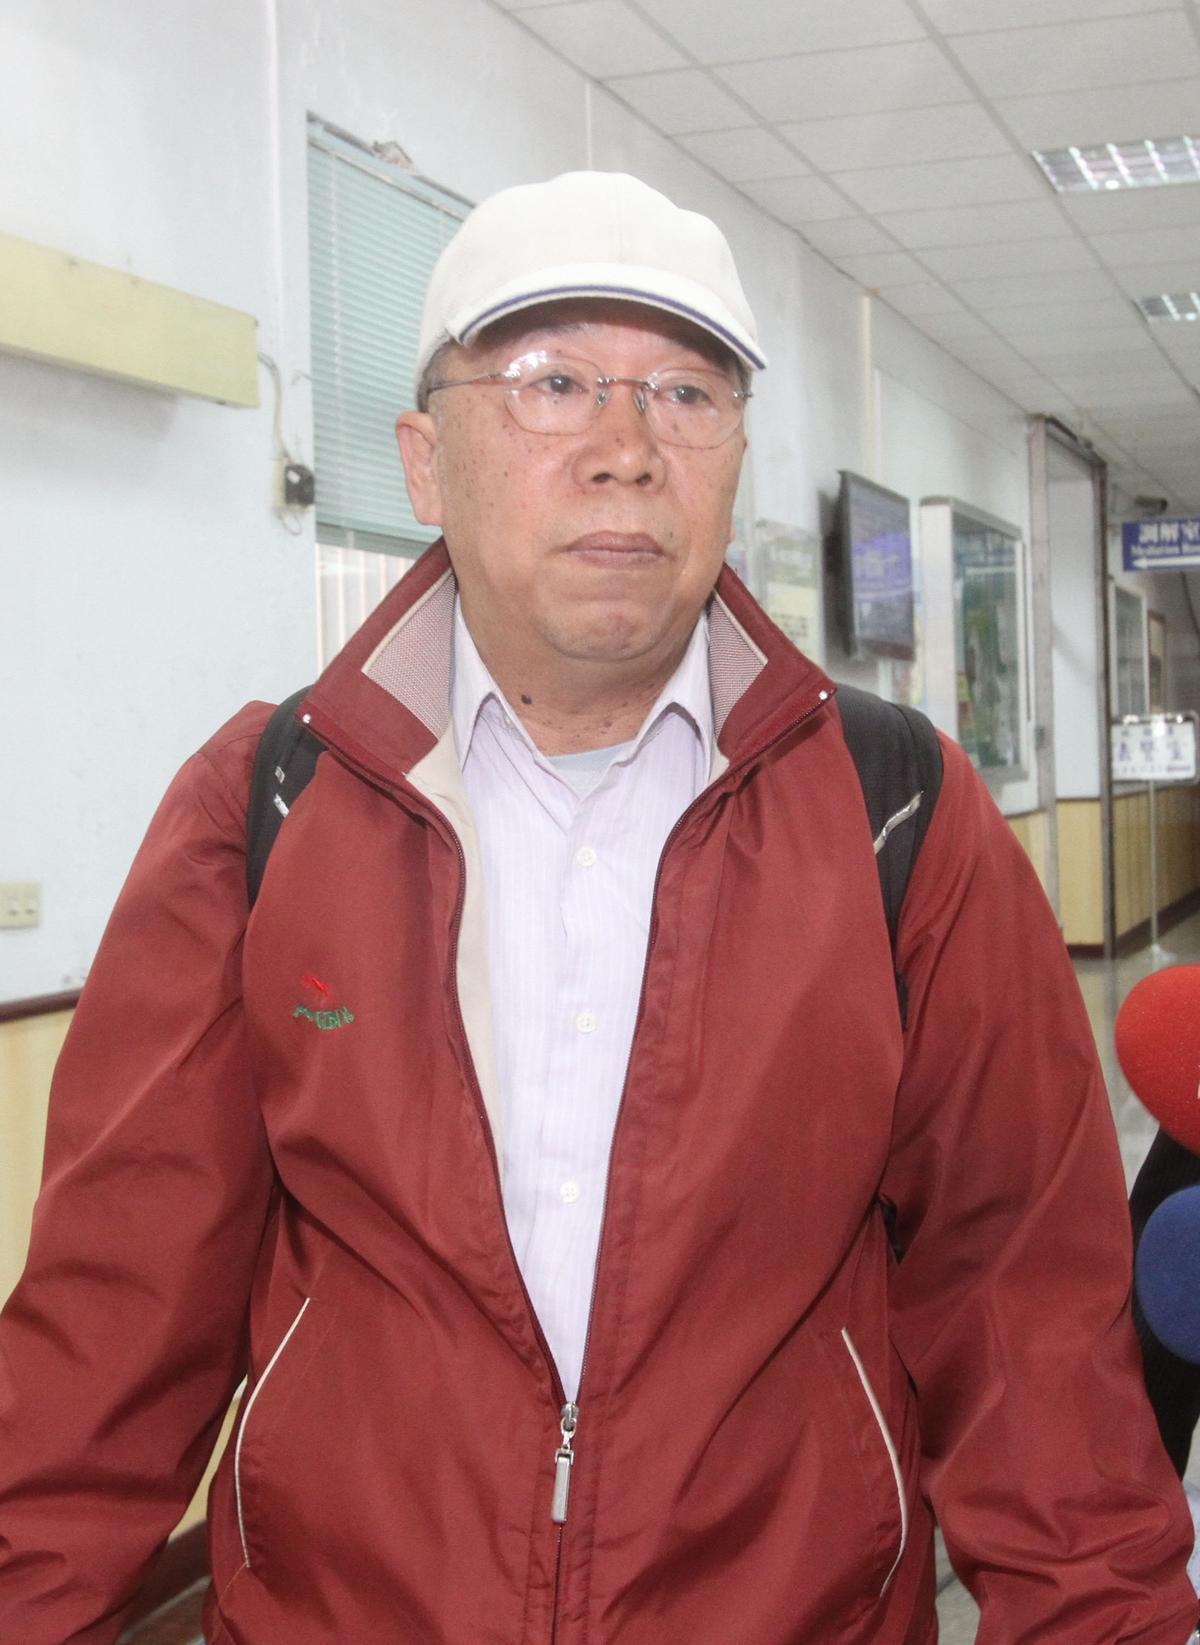 法醫石台平(圖)庭訊時把洪仲丘死因改為意外,法醫高大成質疑他左右判決。(中央社)